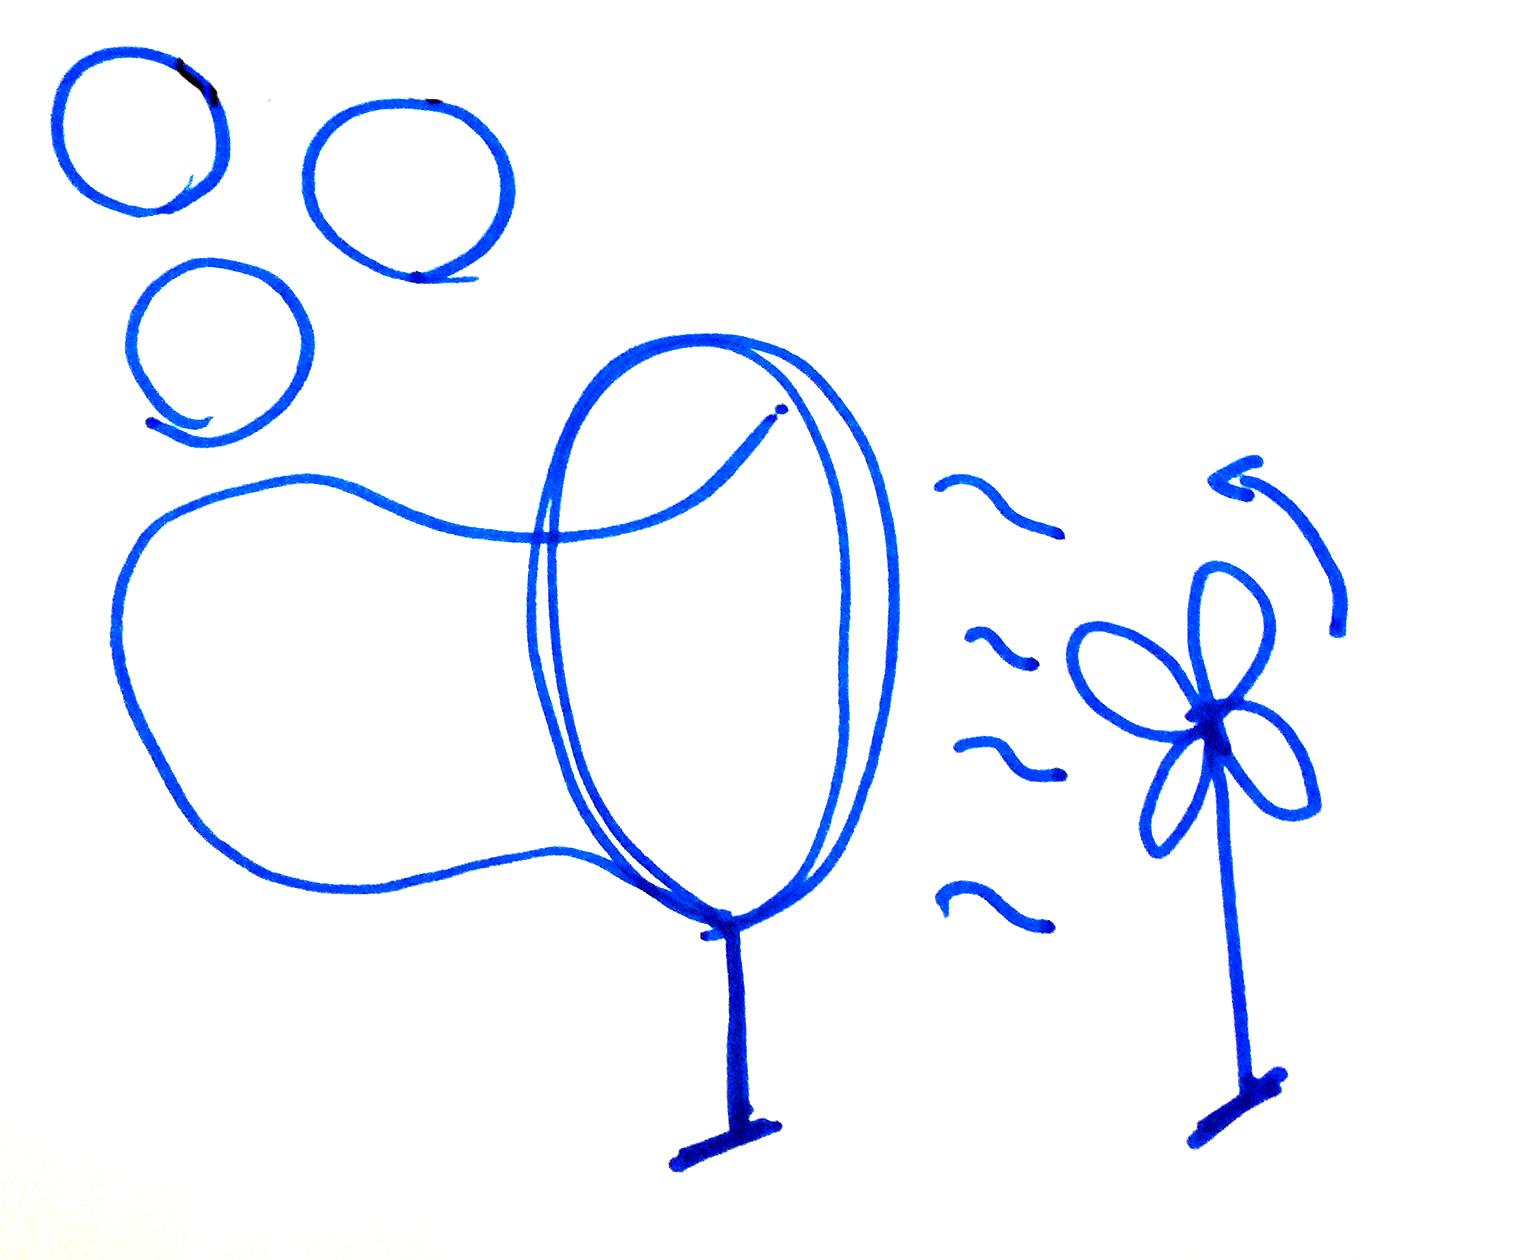 Bubb sketch